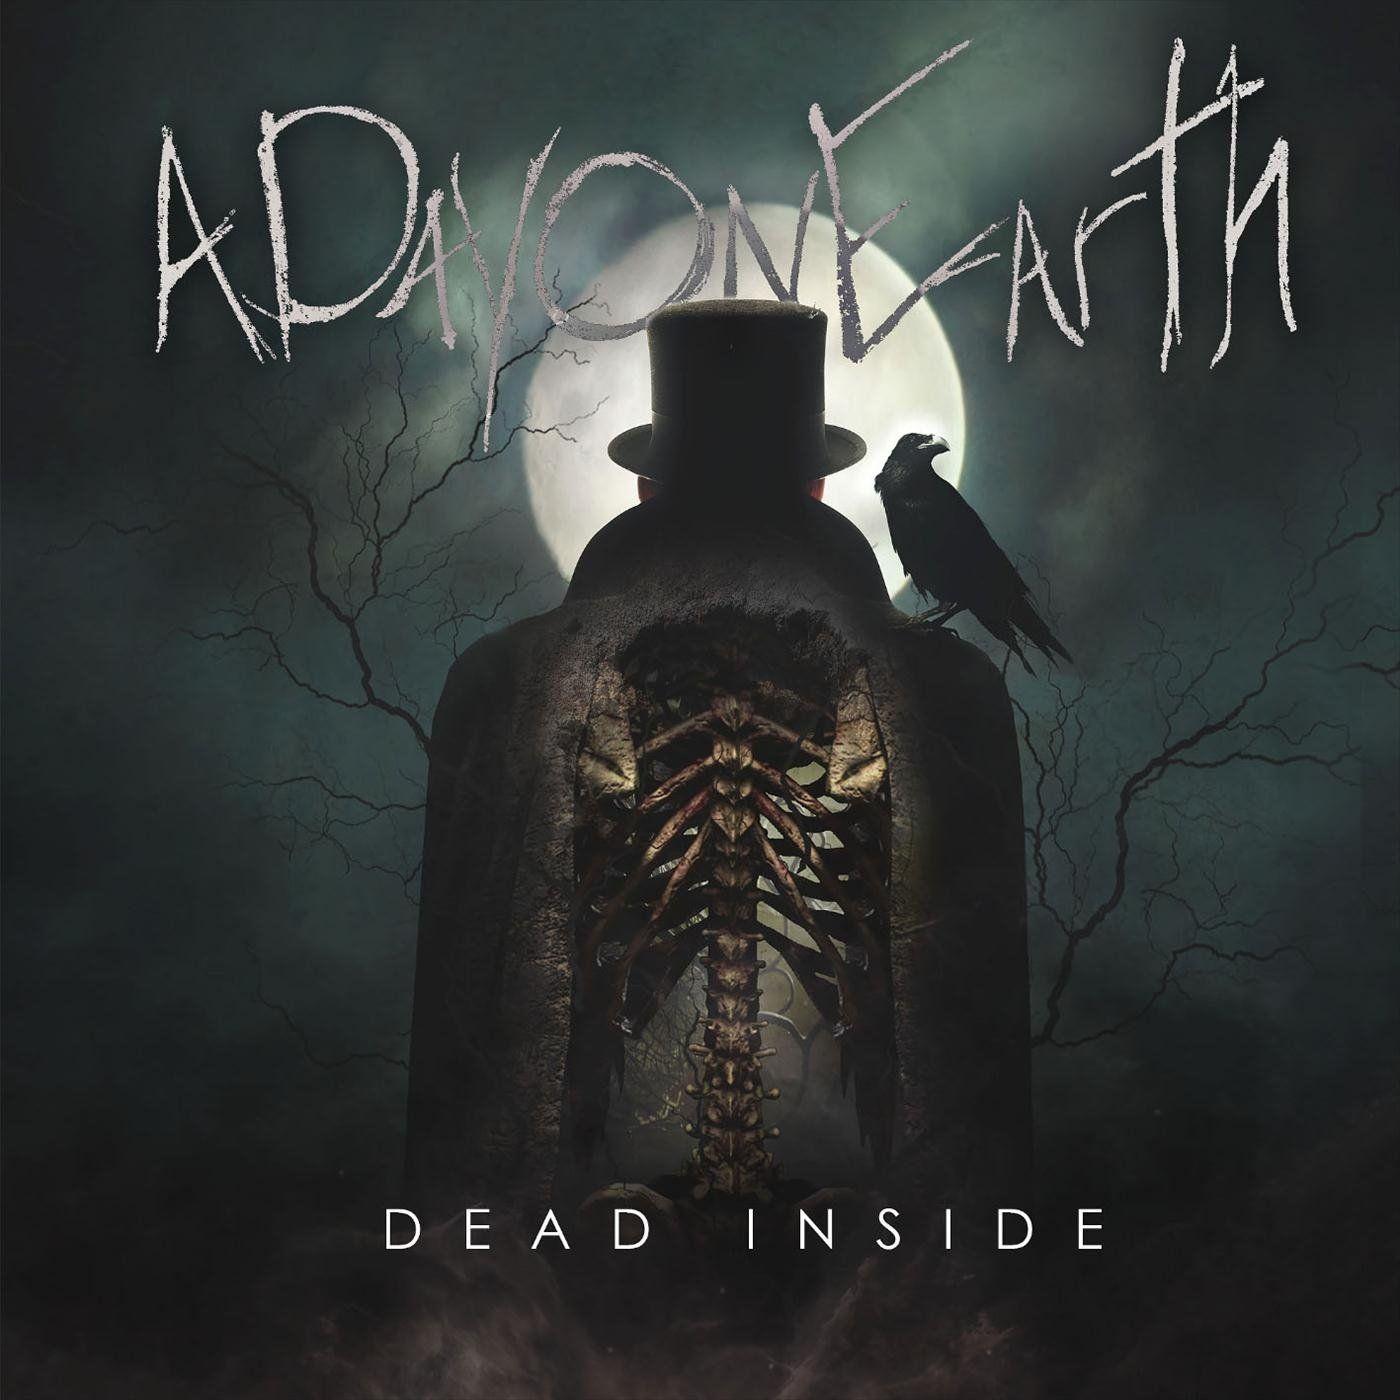 A Day on Earth - Dead Inside [single] (2020)